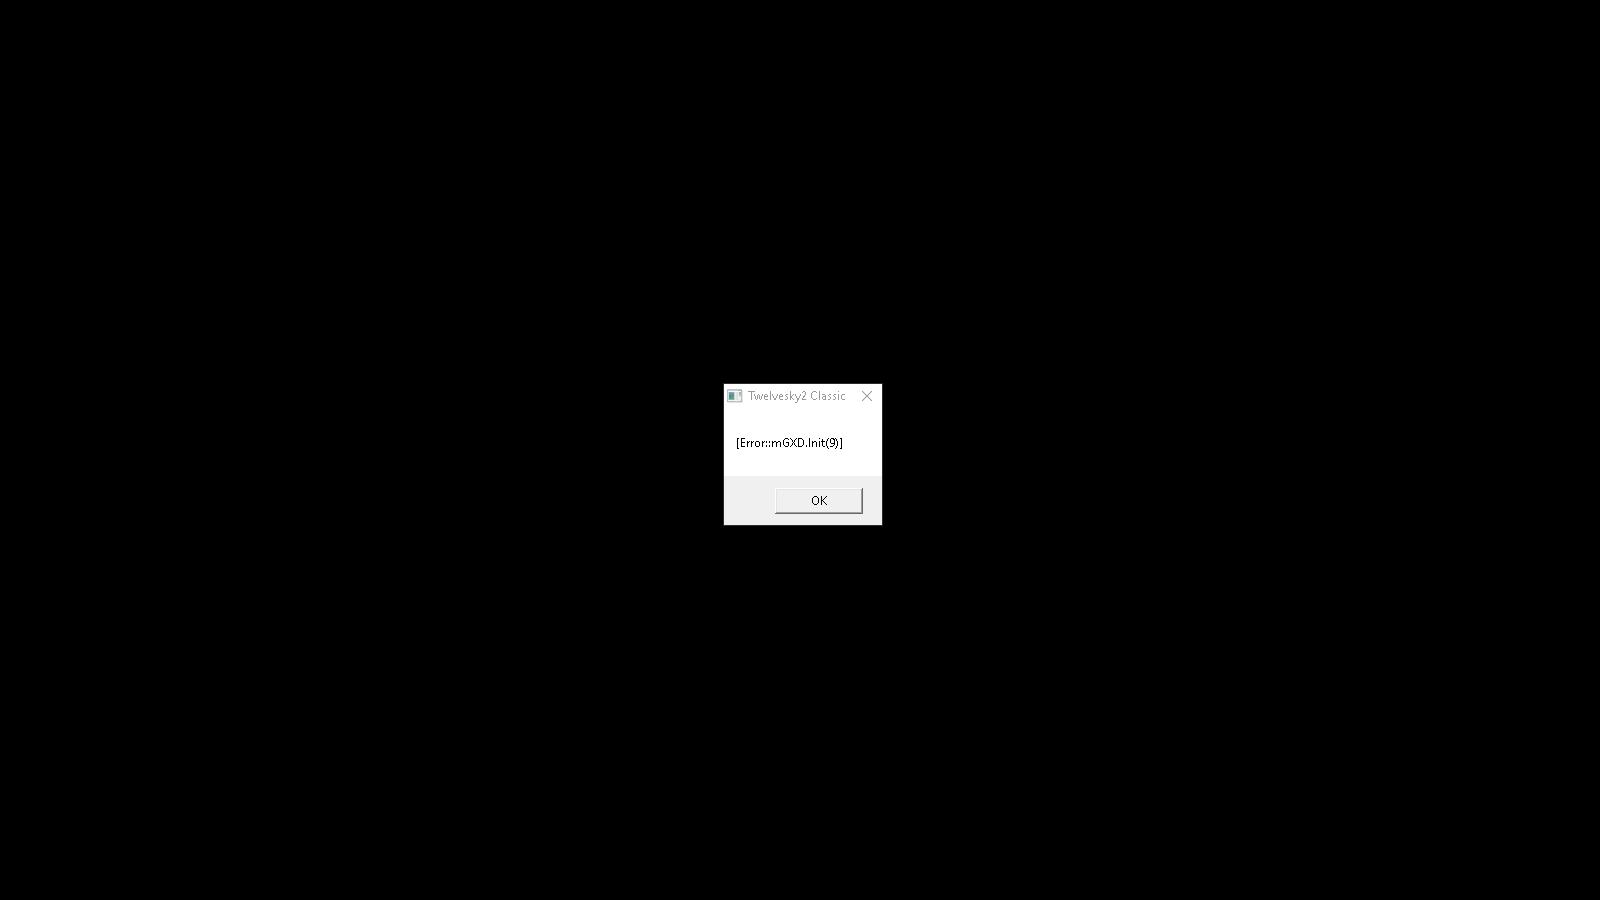 upload_2020-5-6_23-7-56.png